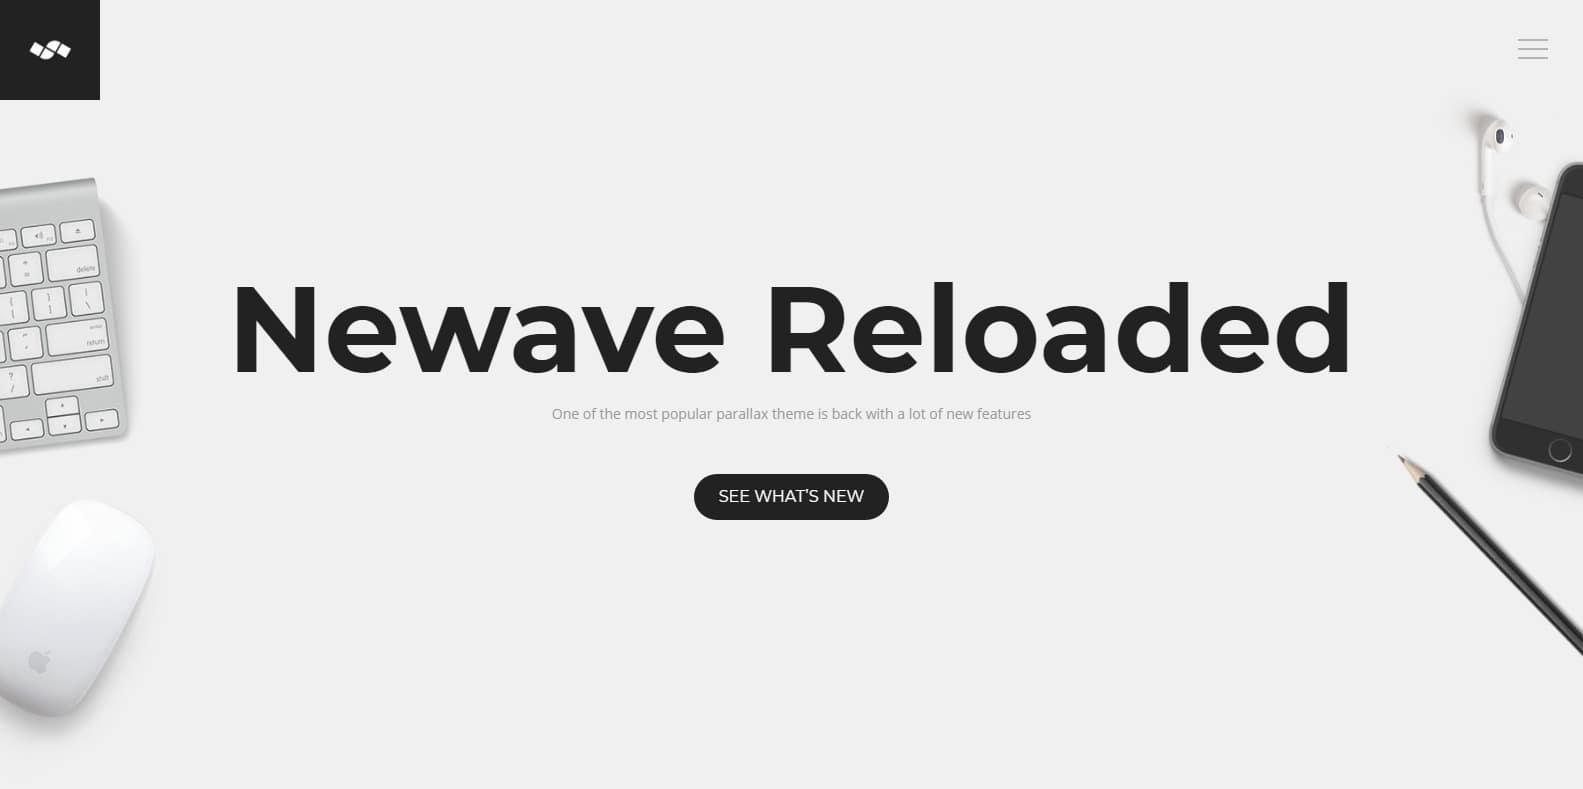 newave-parallax-website-template